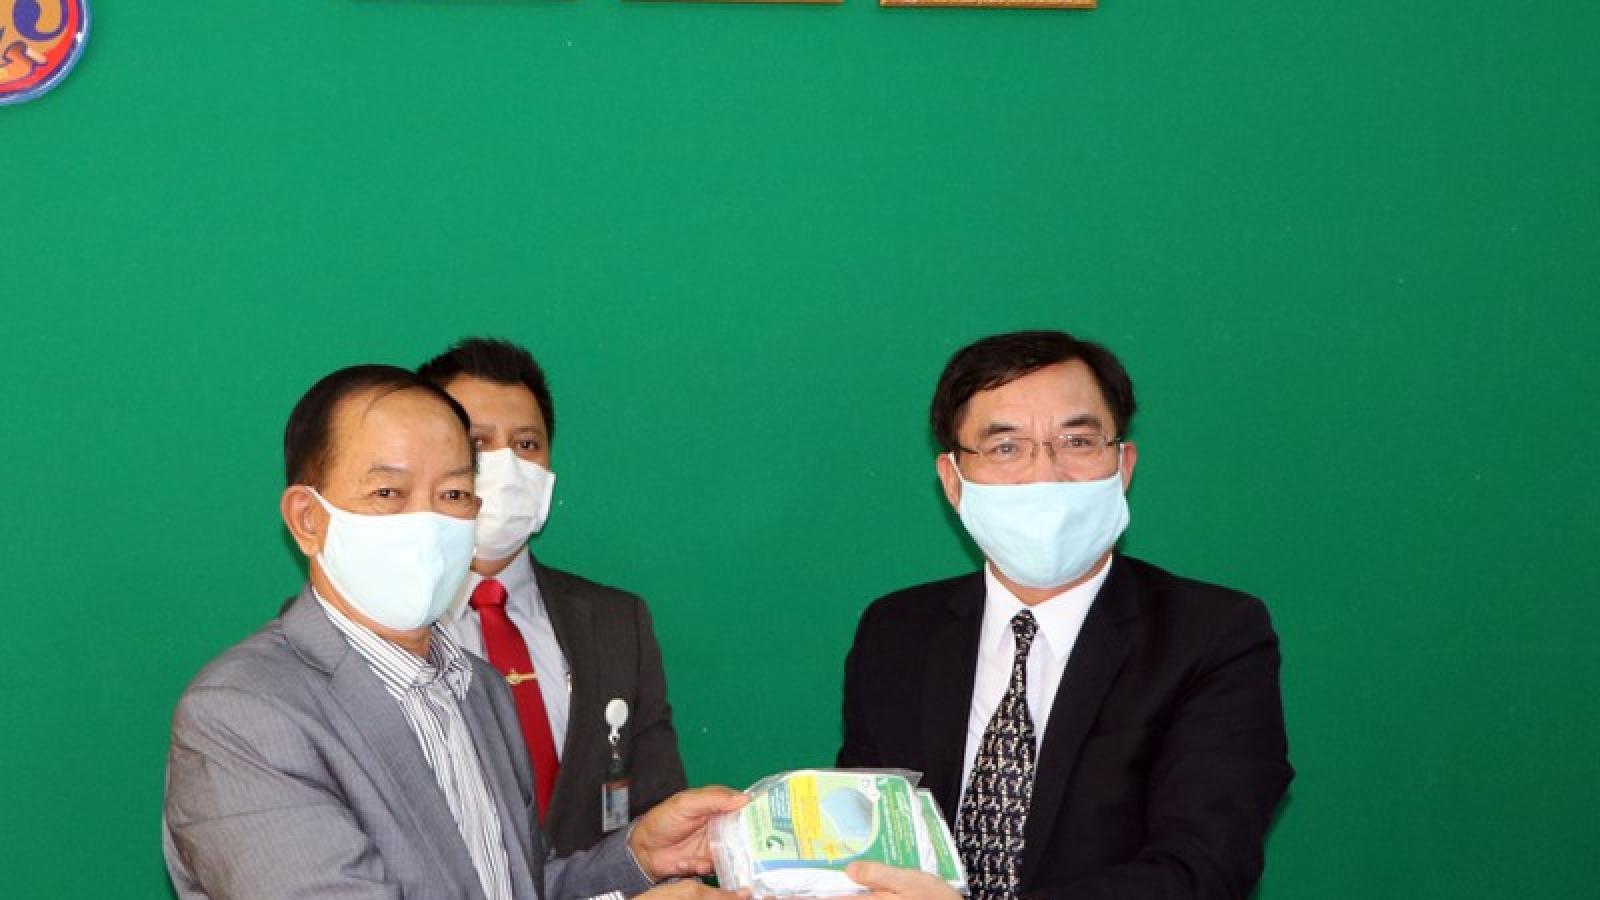 Campuchia cám ơn Việt Nam hỗ trợ phòng chống dịch Covid-19